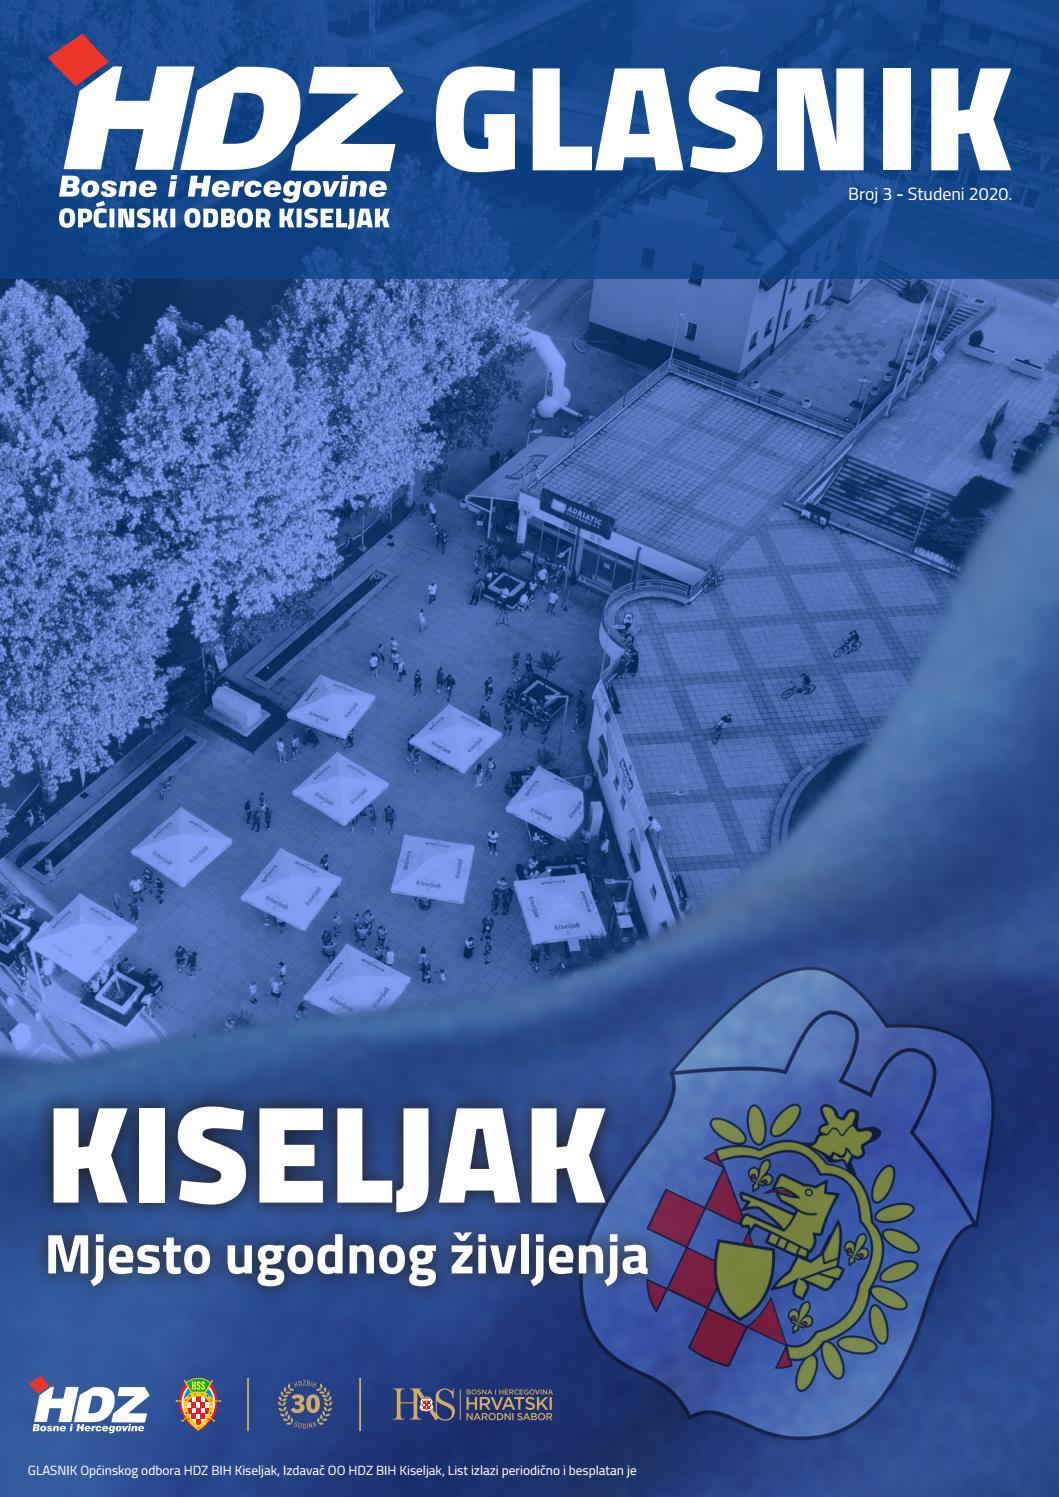 Usluge upoznavanja Kiseljak Bosna i Hercegovina